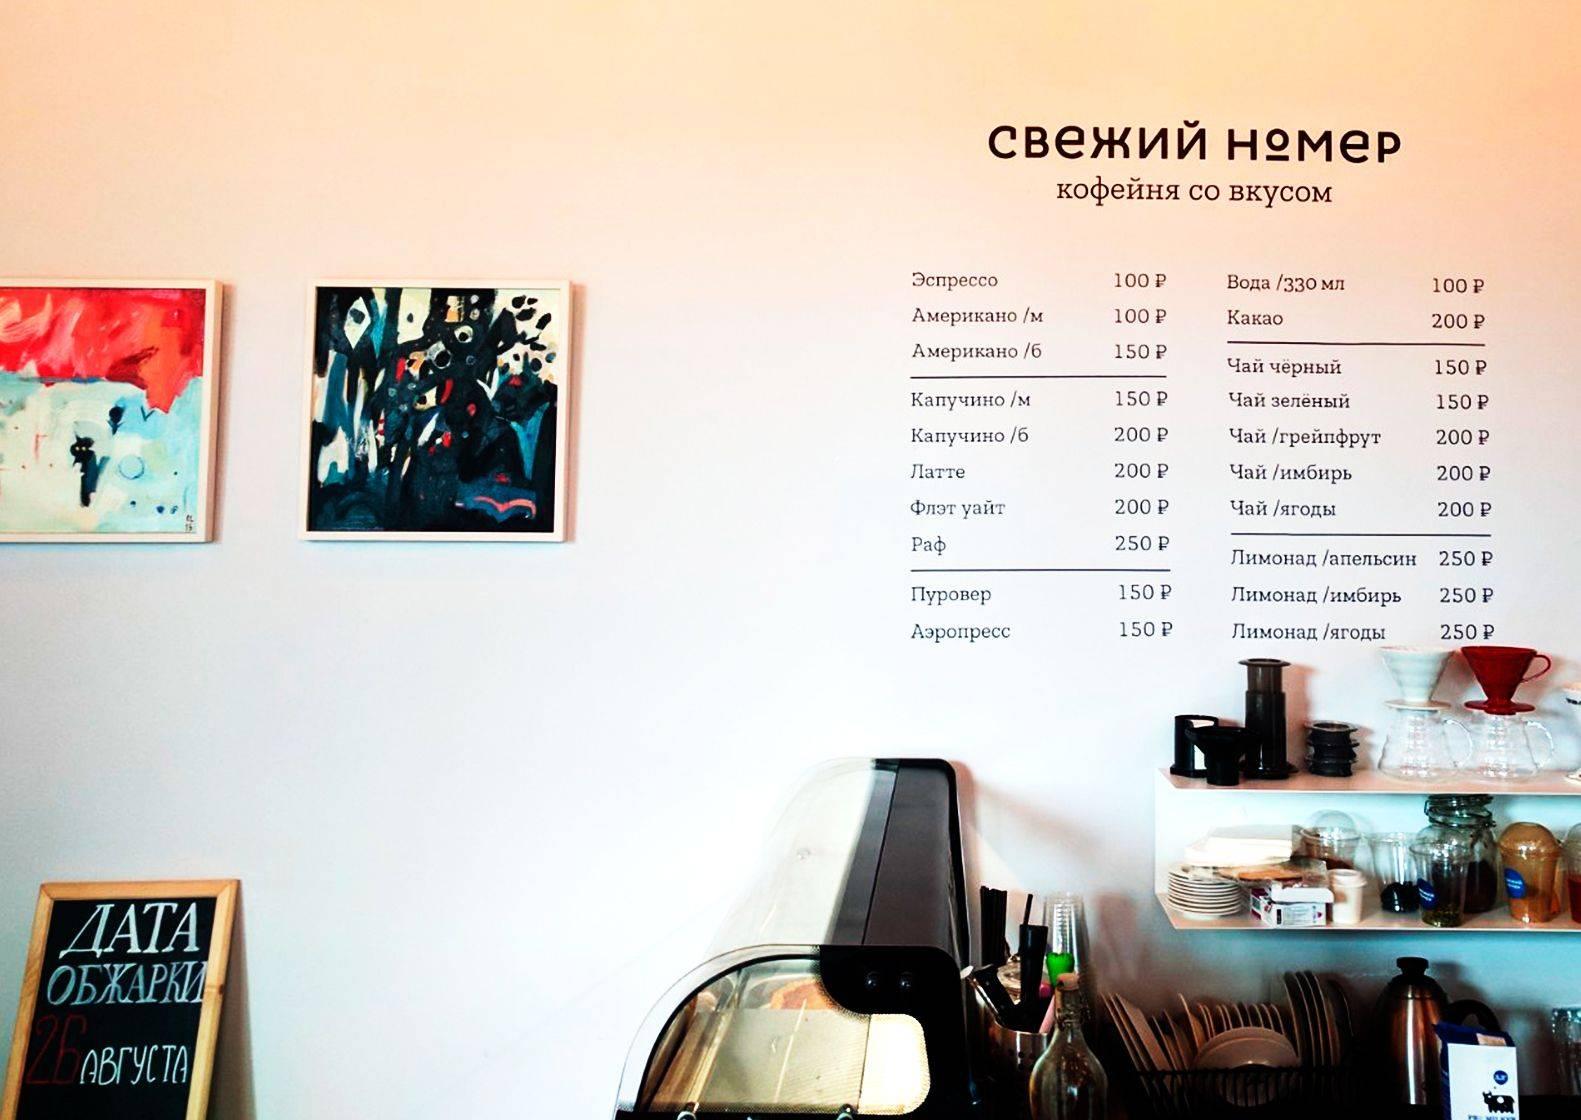 кофейня Свежий номер на водном стадионе, цены на кофе